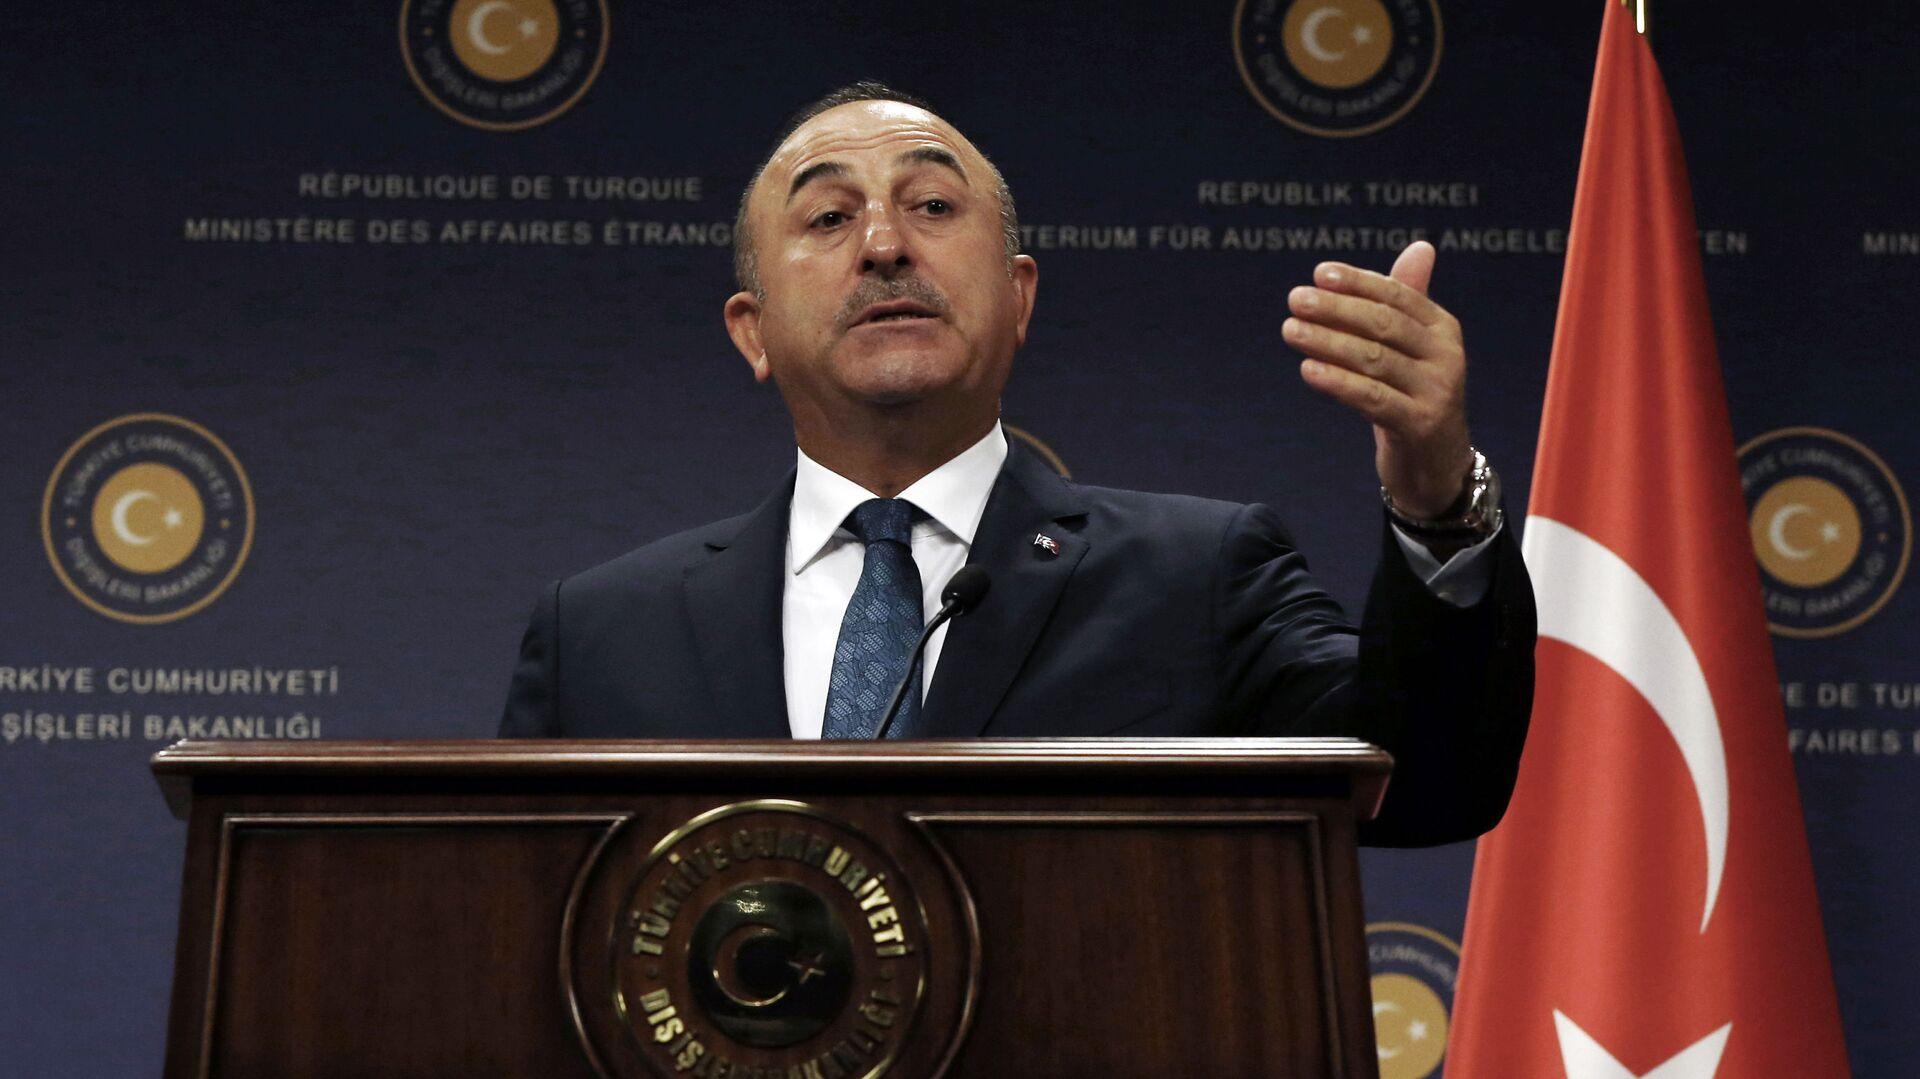 Il ministro degli Esteri turco Mevlut Cavusoglu - Sputnik Italia, 1920, 07.09.2021